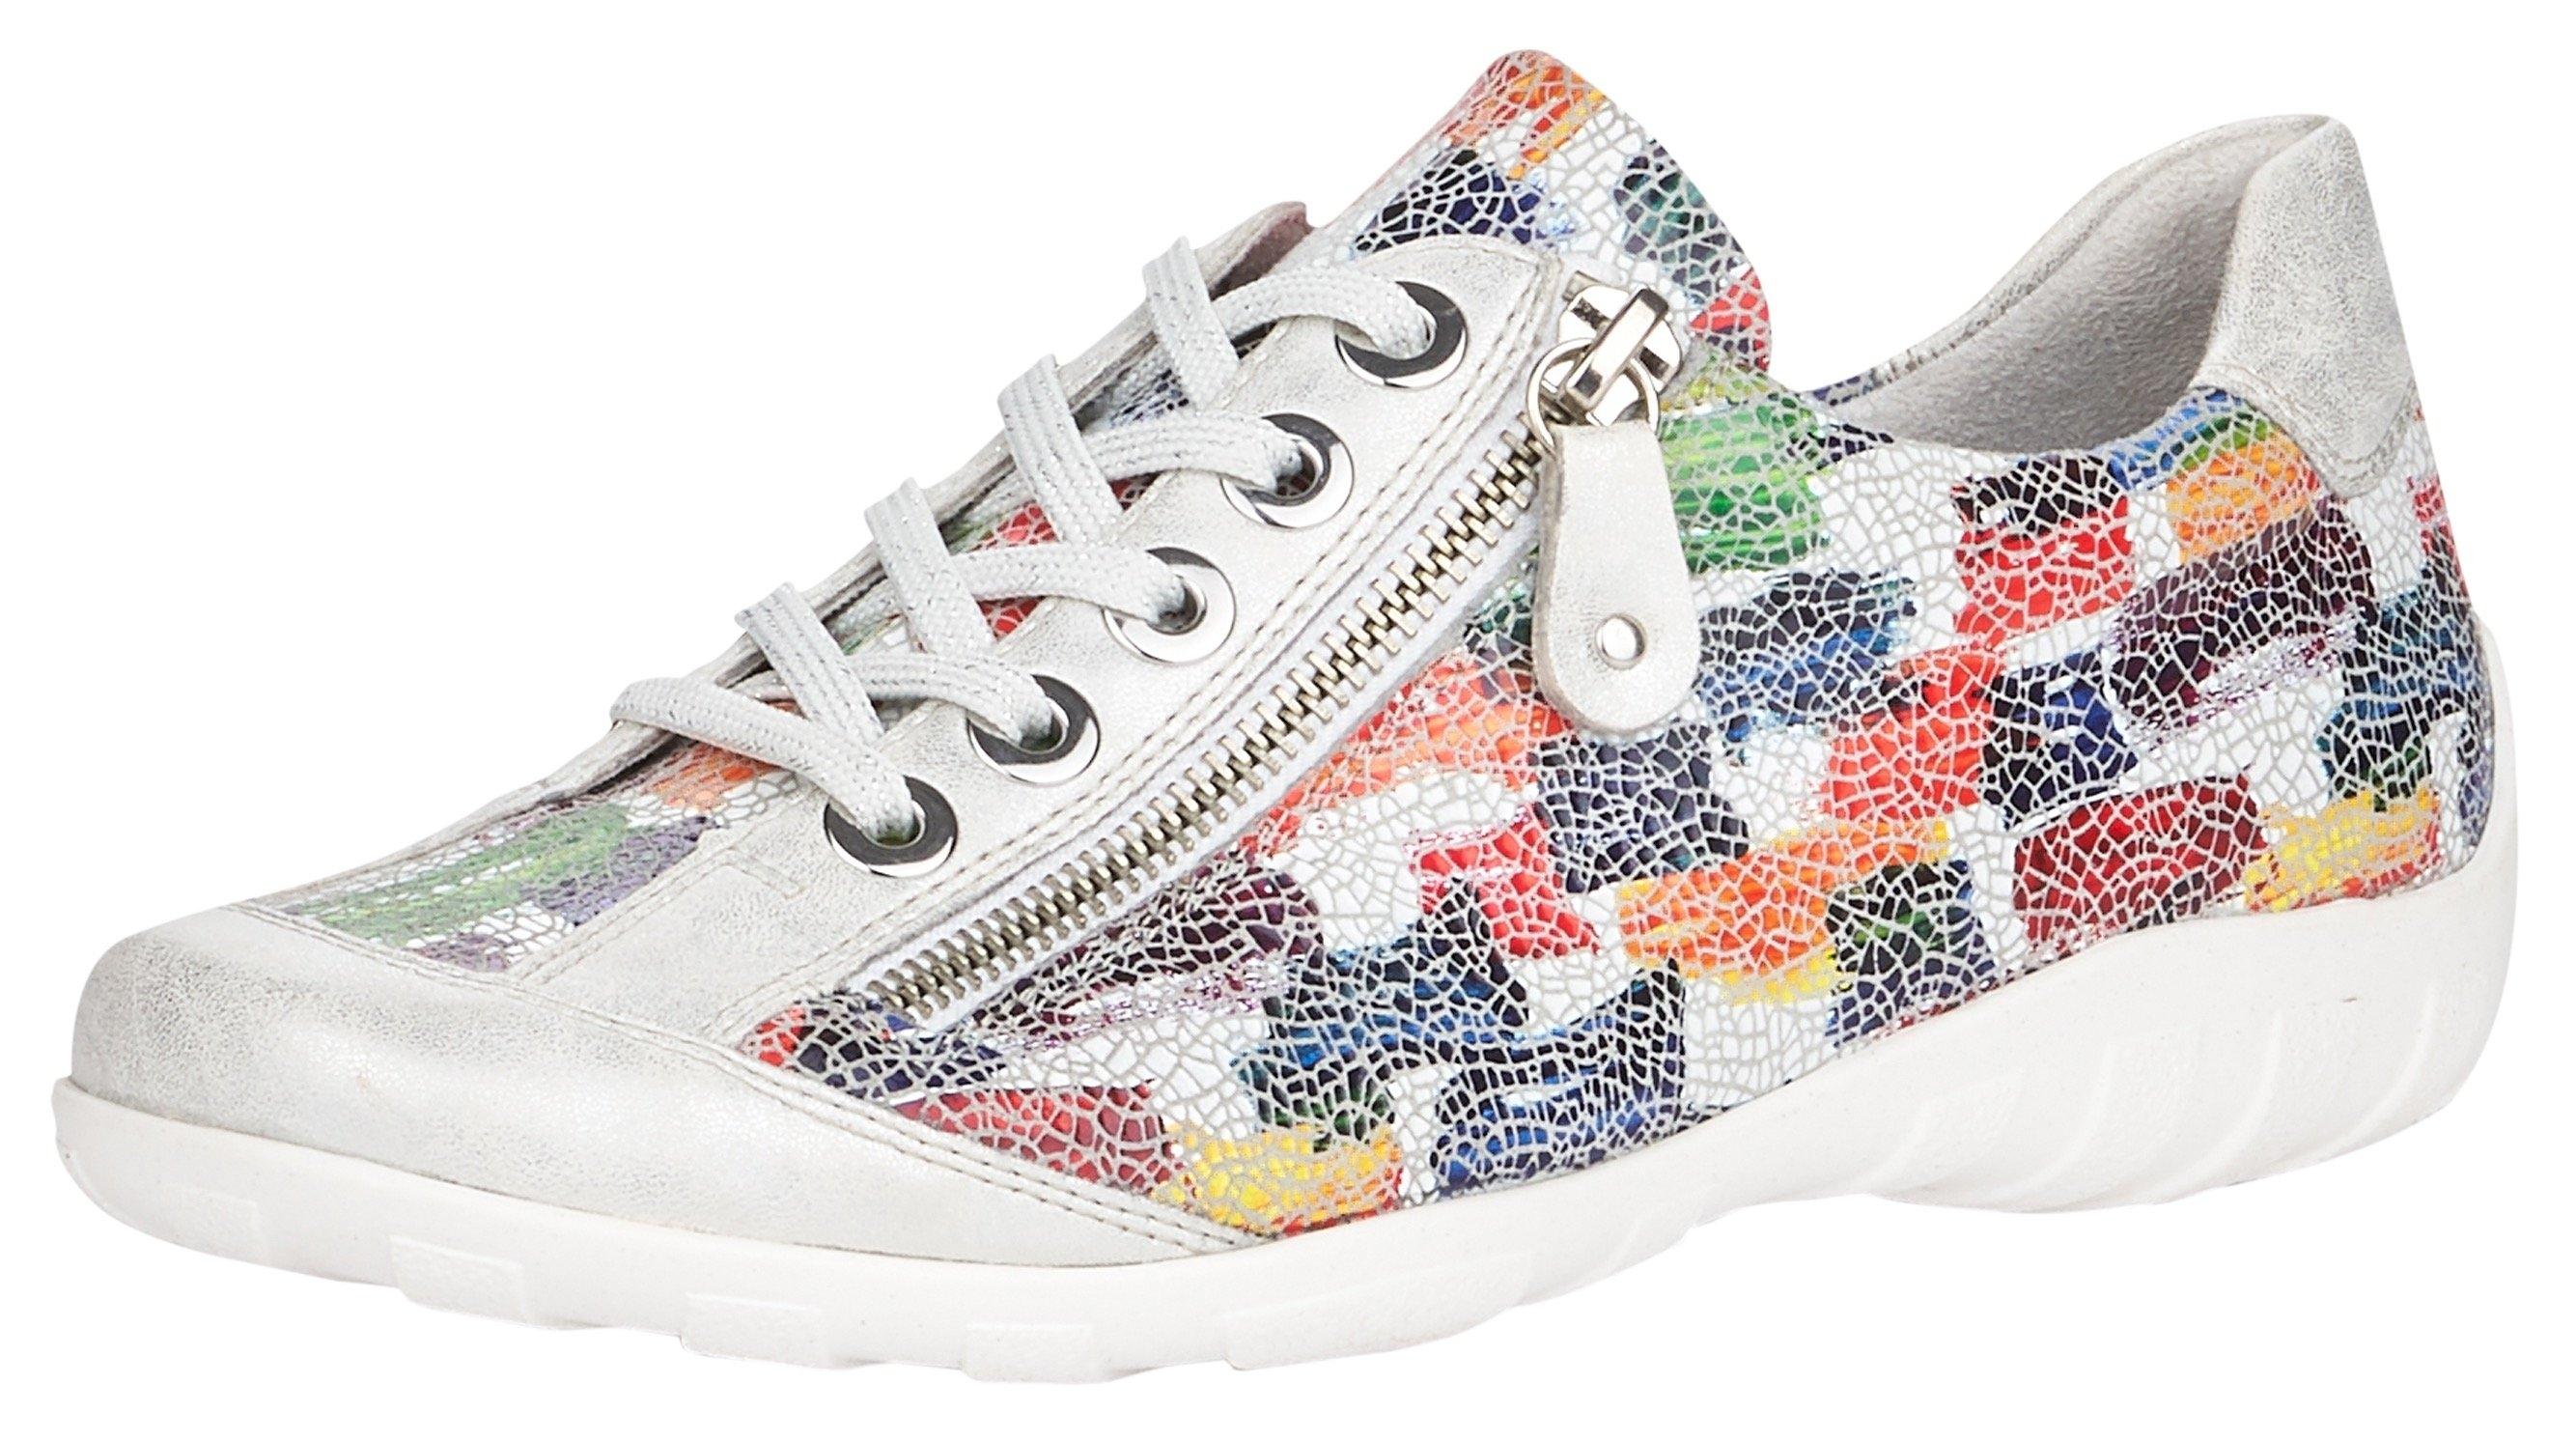 Remonte veterschoenen met kleurrijke print online kopen op otto.nl